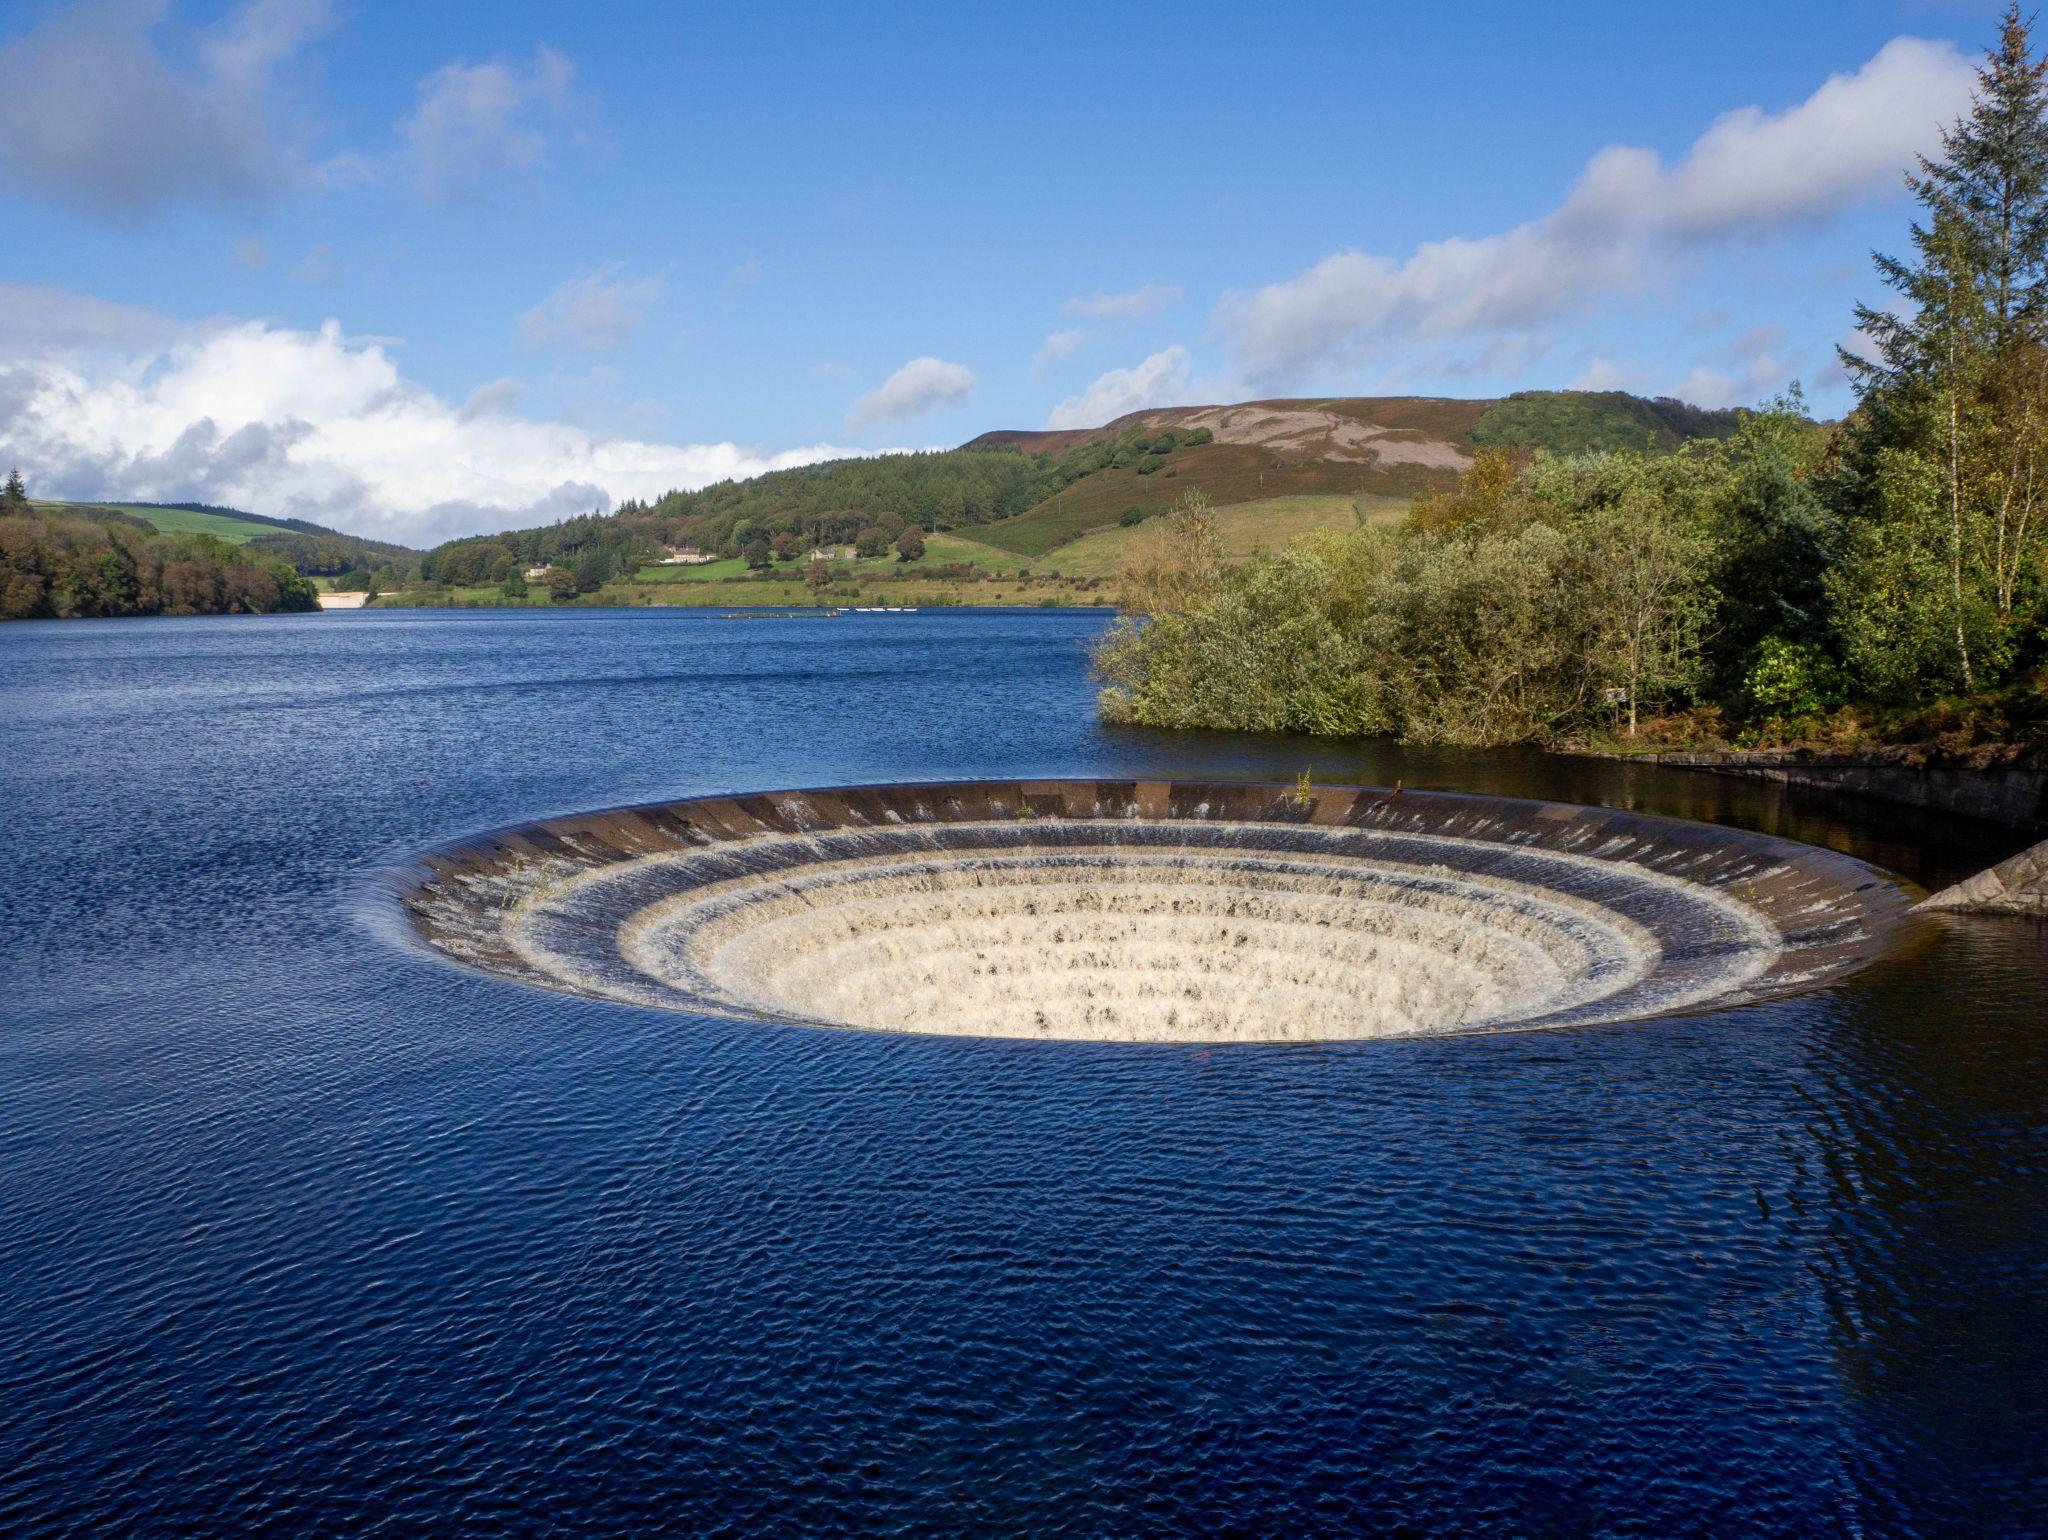 Ladybower Reservoir Plughole, United Kingdom